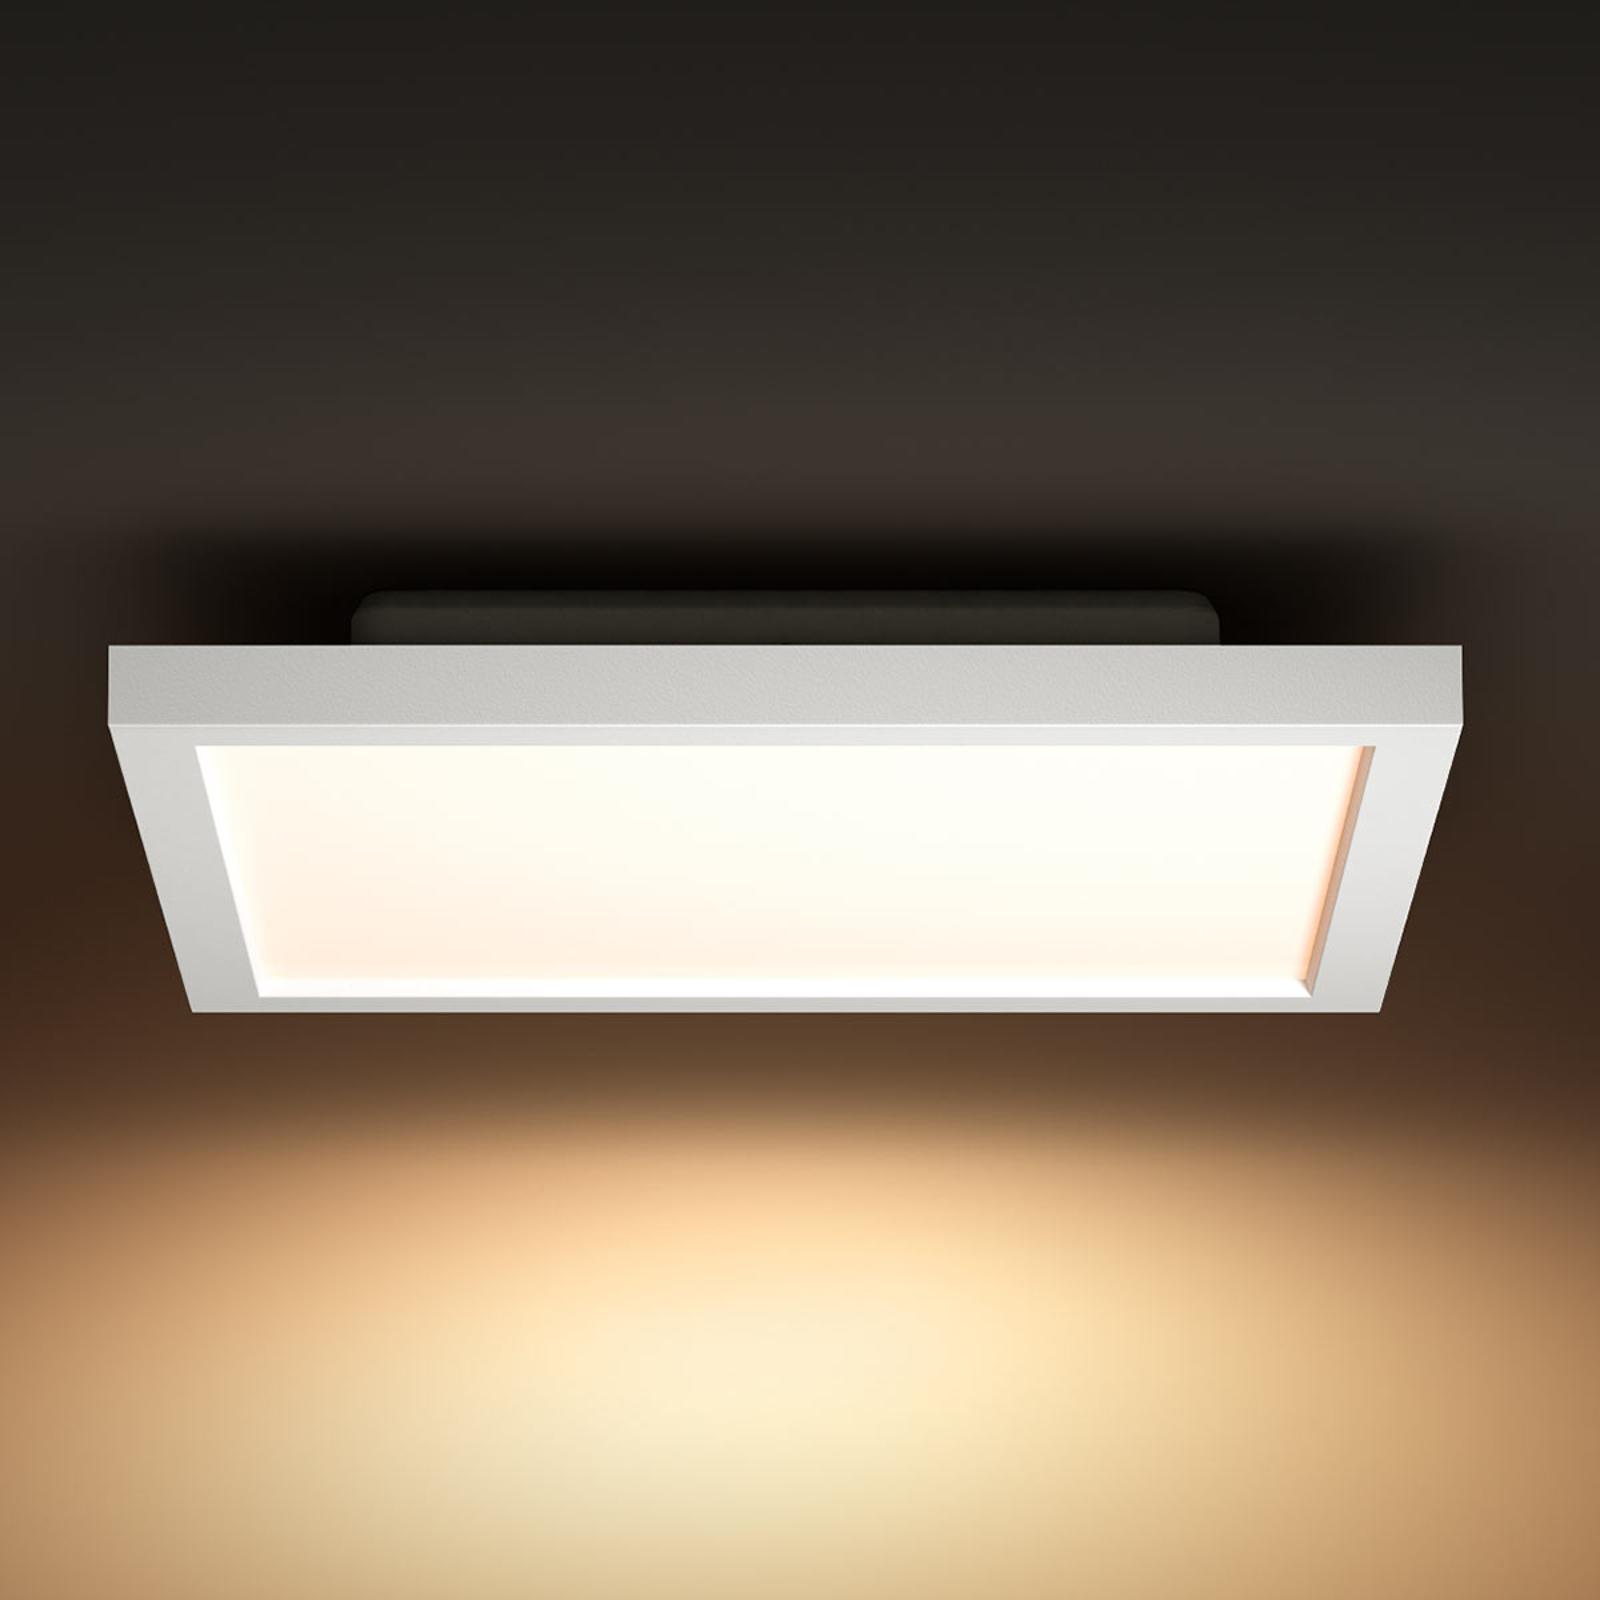 Philips Hue Aurelle LED-Panel eckig, 30 x 30 cm